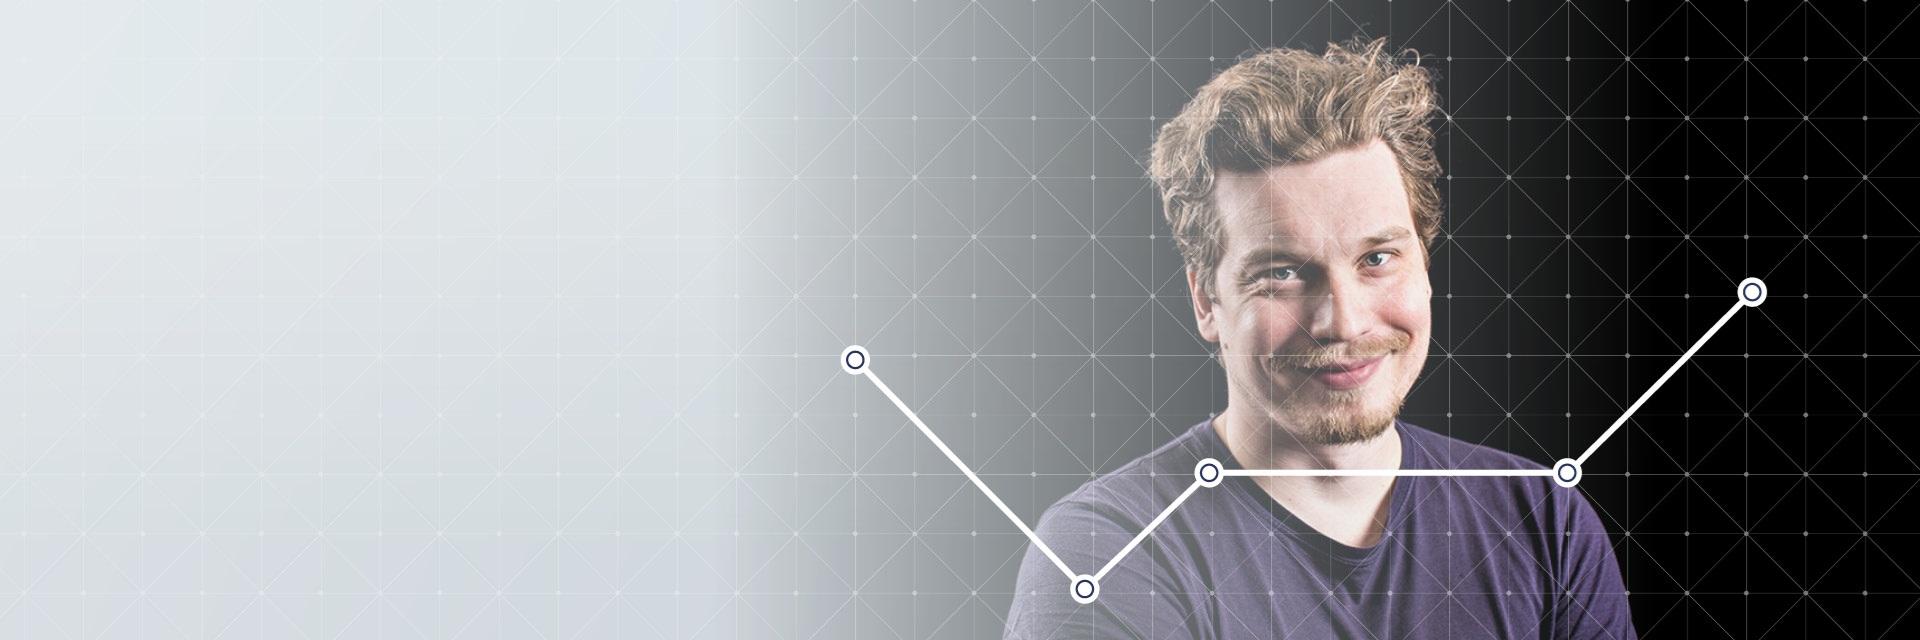 Customer-IQ_Experts-panel_ExoveDesign_Hero.jpg